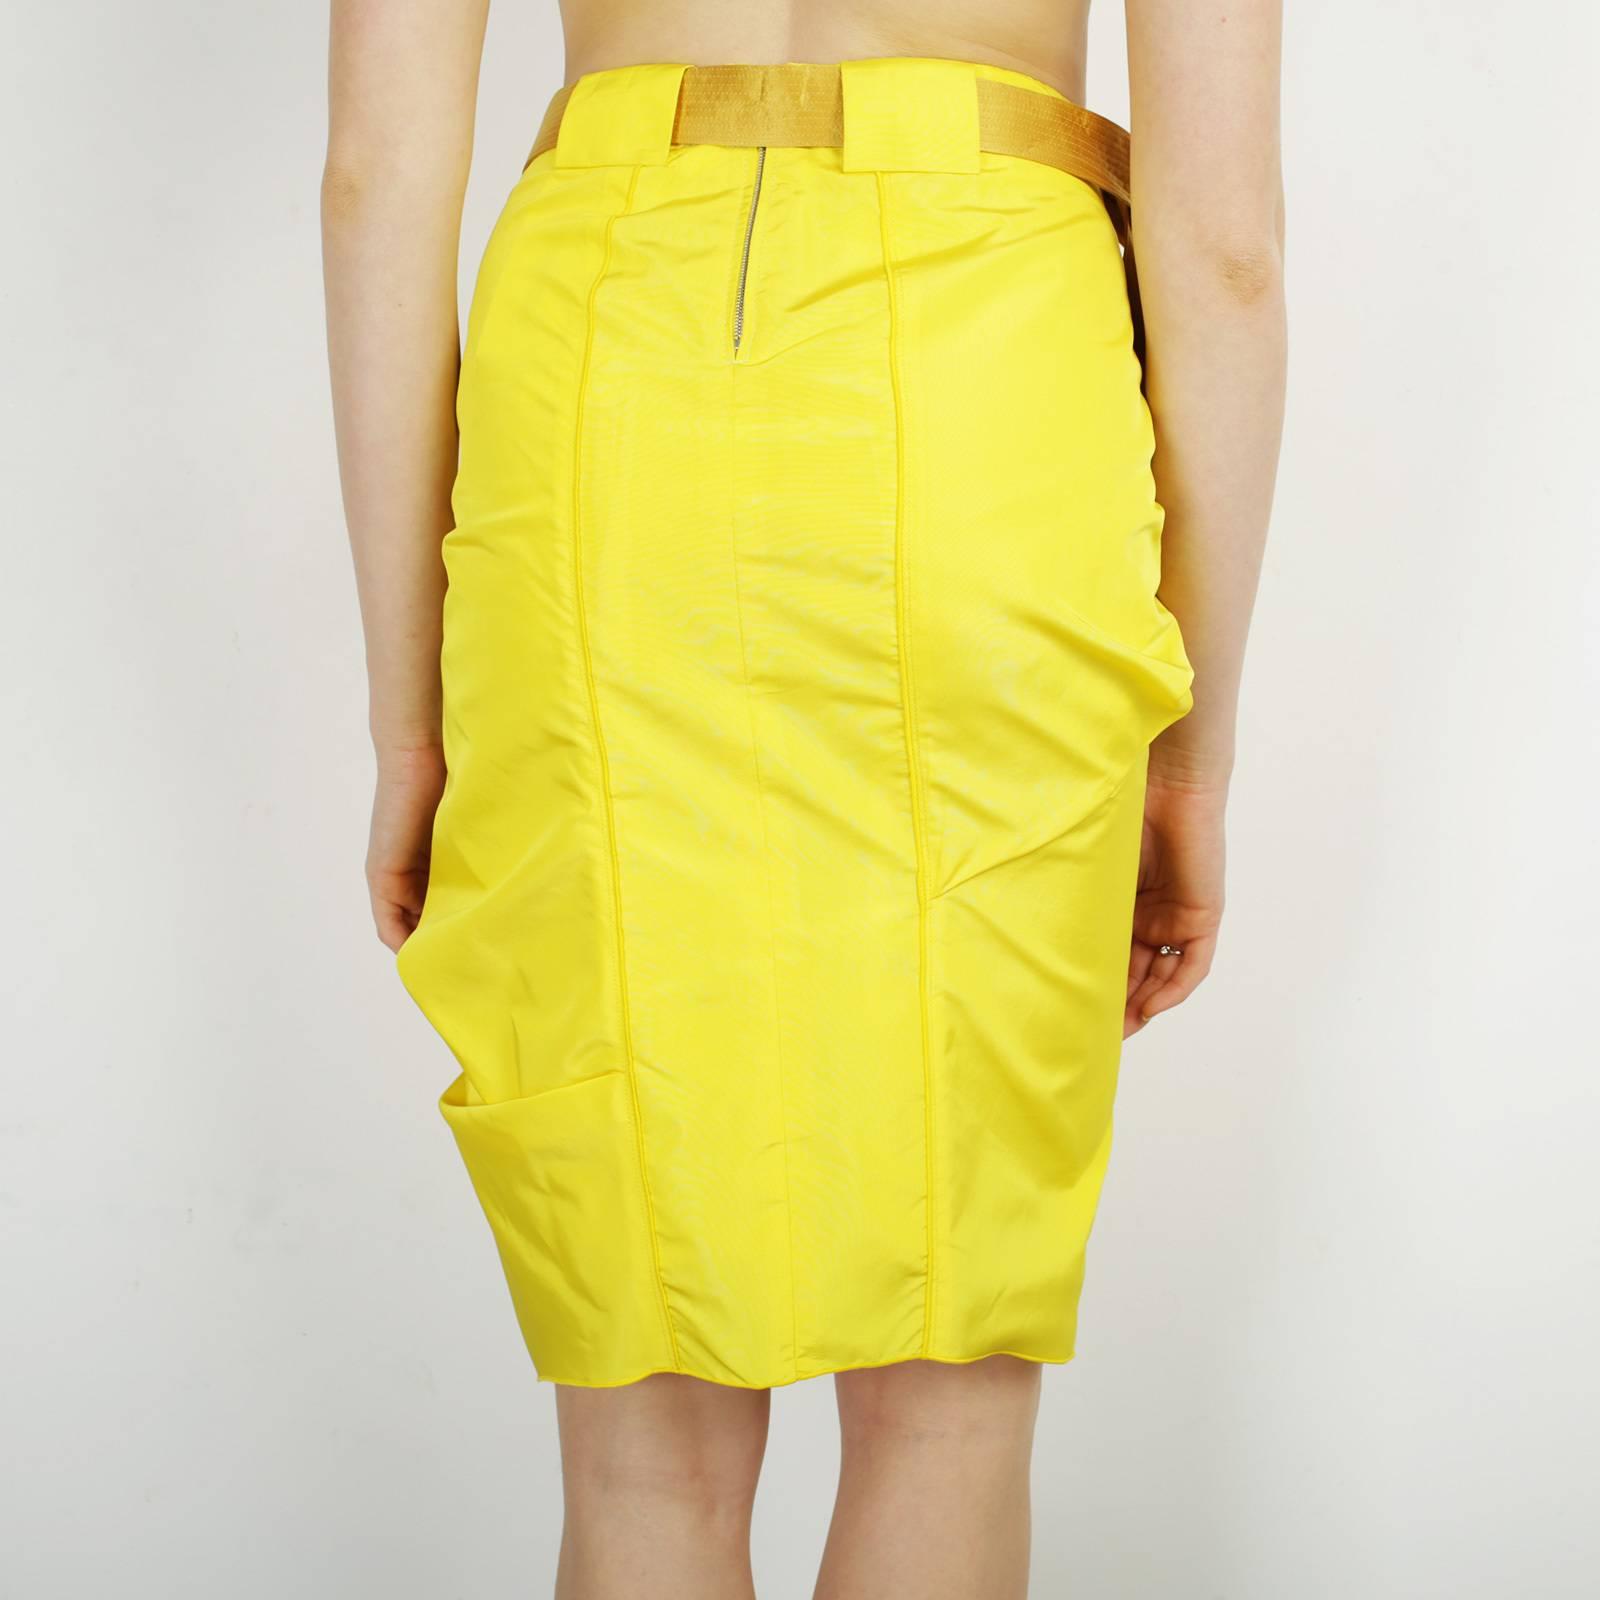 Купить юбку Marc Jacobs в Москве с доставкой по цене 4920 рублей ... 0de973dc037